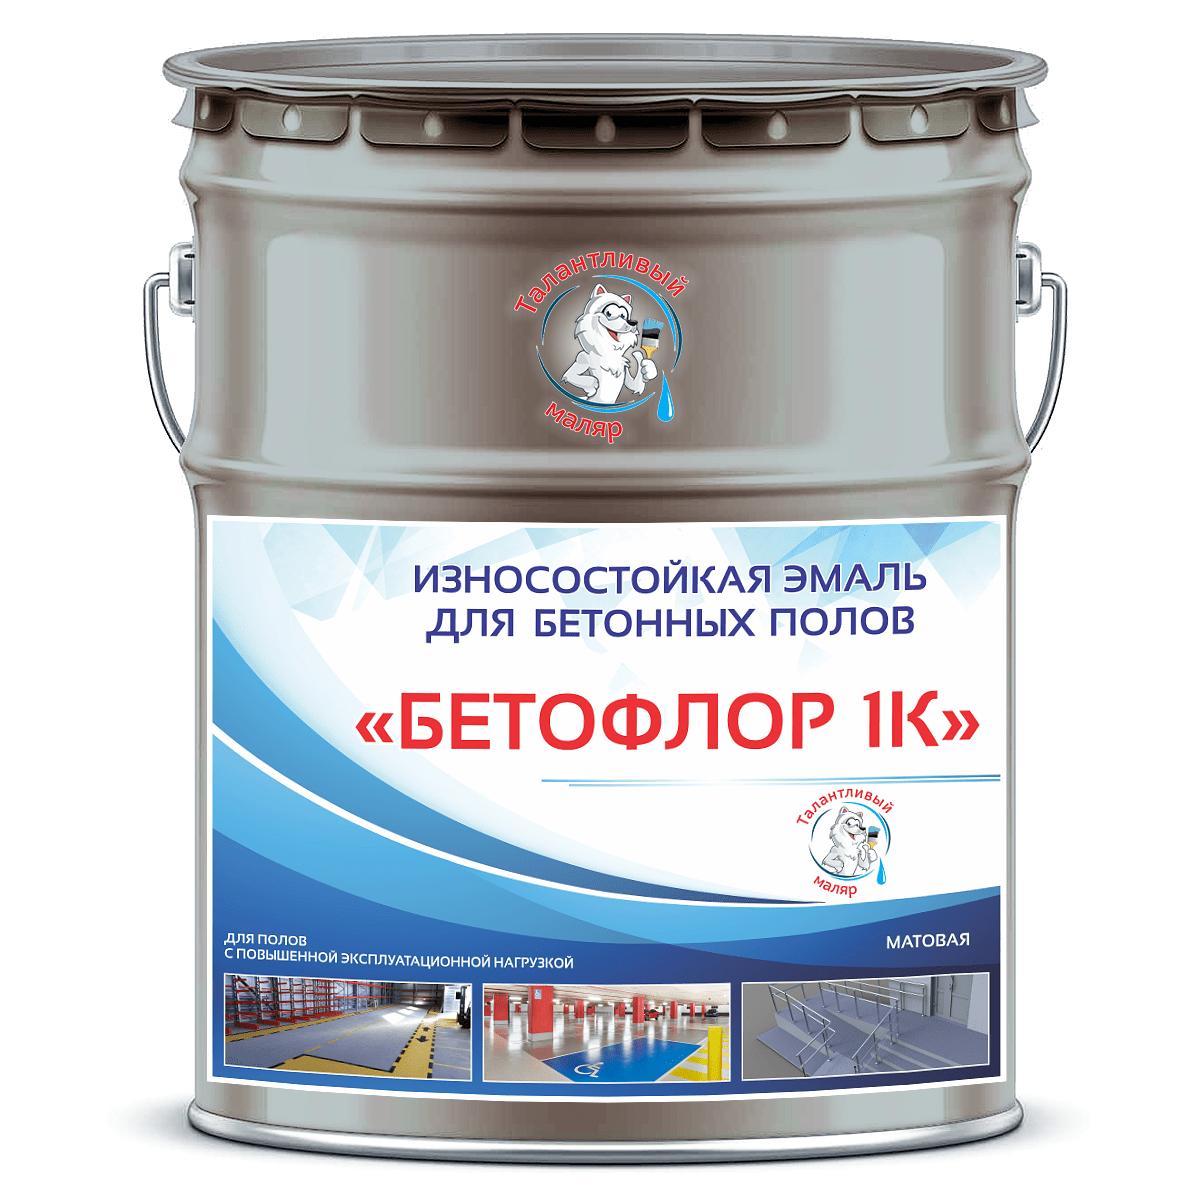 """Фото 5 - BF7004 Эмаль для бетонных полов """"Бетофлор"""" 1К цвет RAL 7004 Серый сигнальный, матовая износостойкая, 25 кг """"Талантливый Маляр""""."""